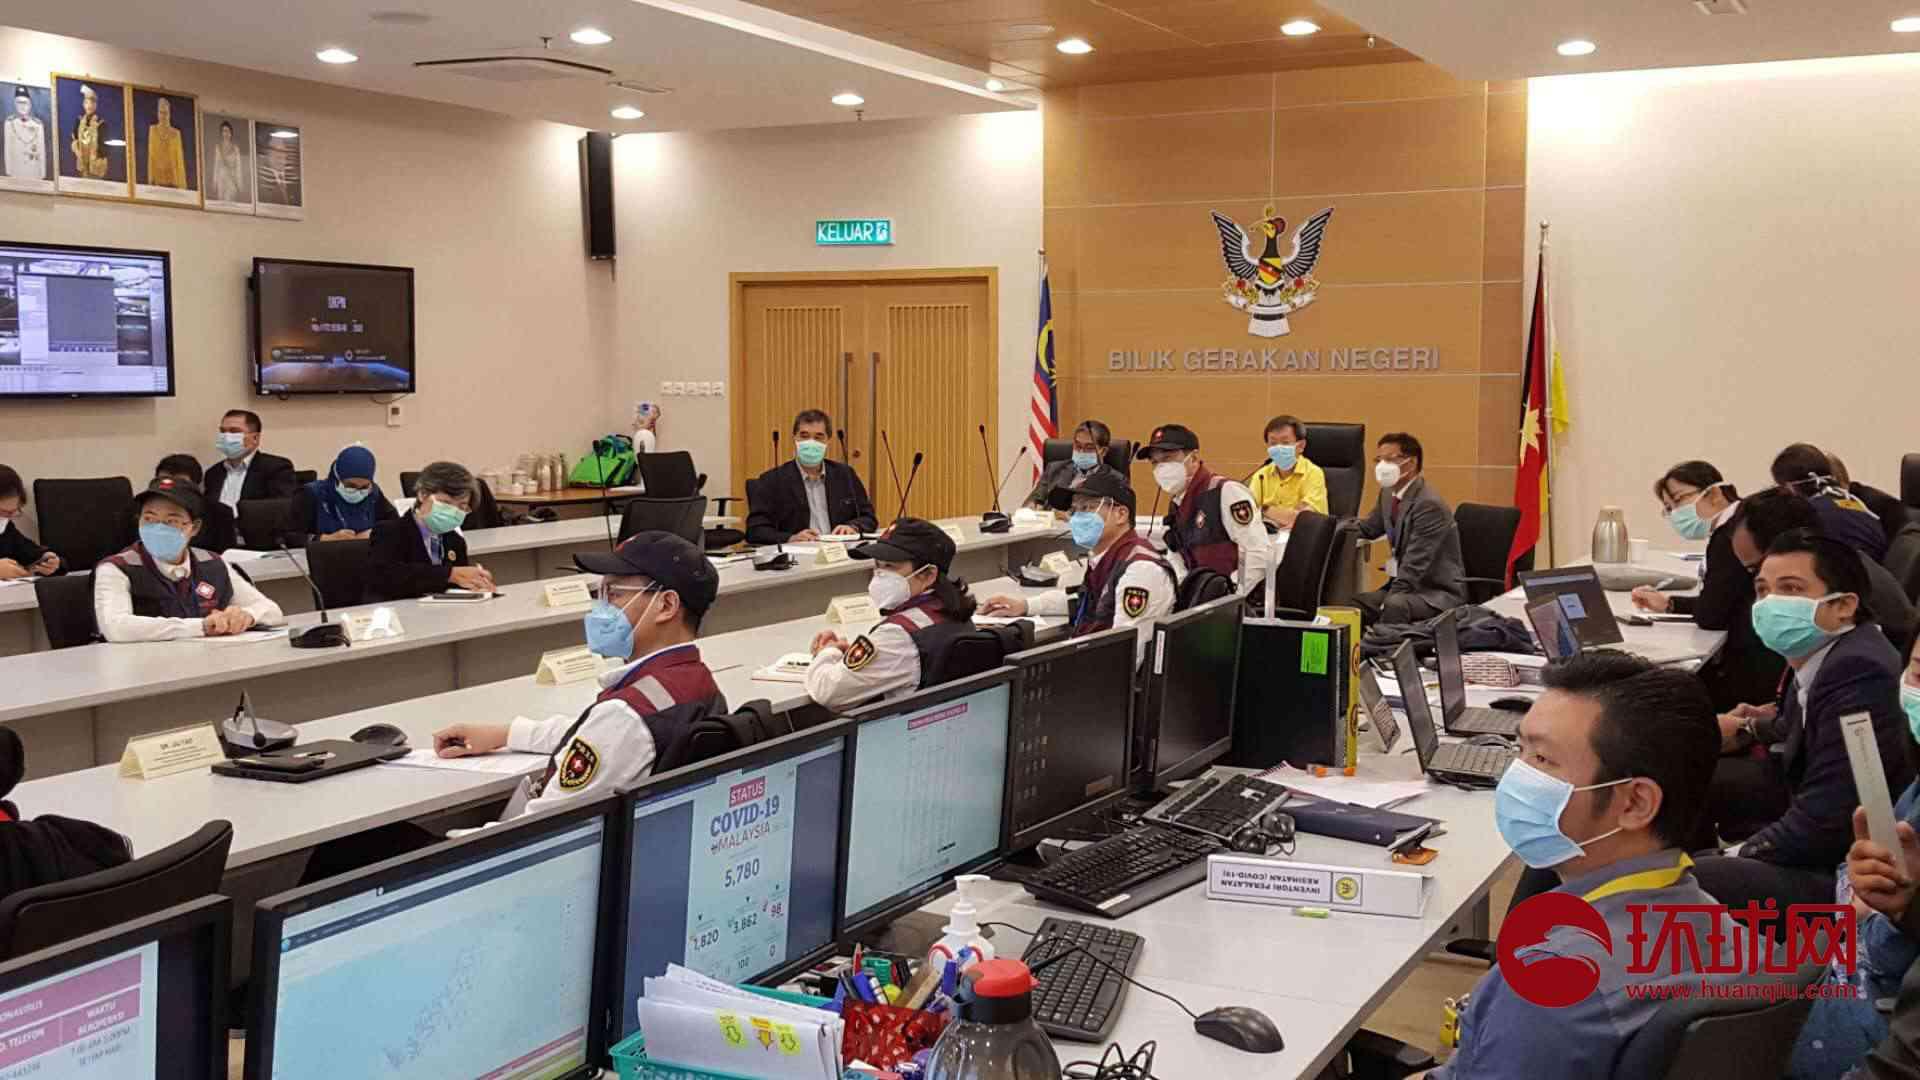 高德注册,赴马医疗组组长高德注册谈马来西亚疫图片